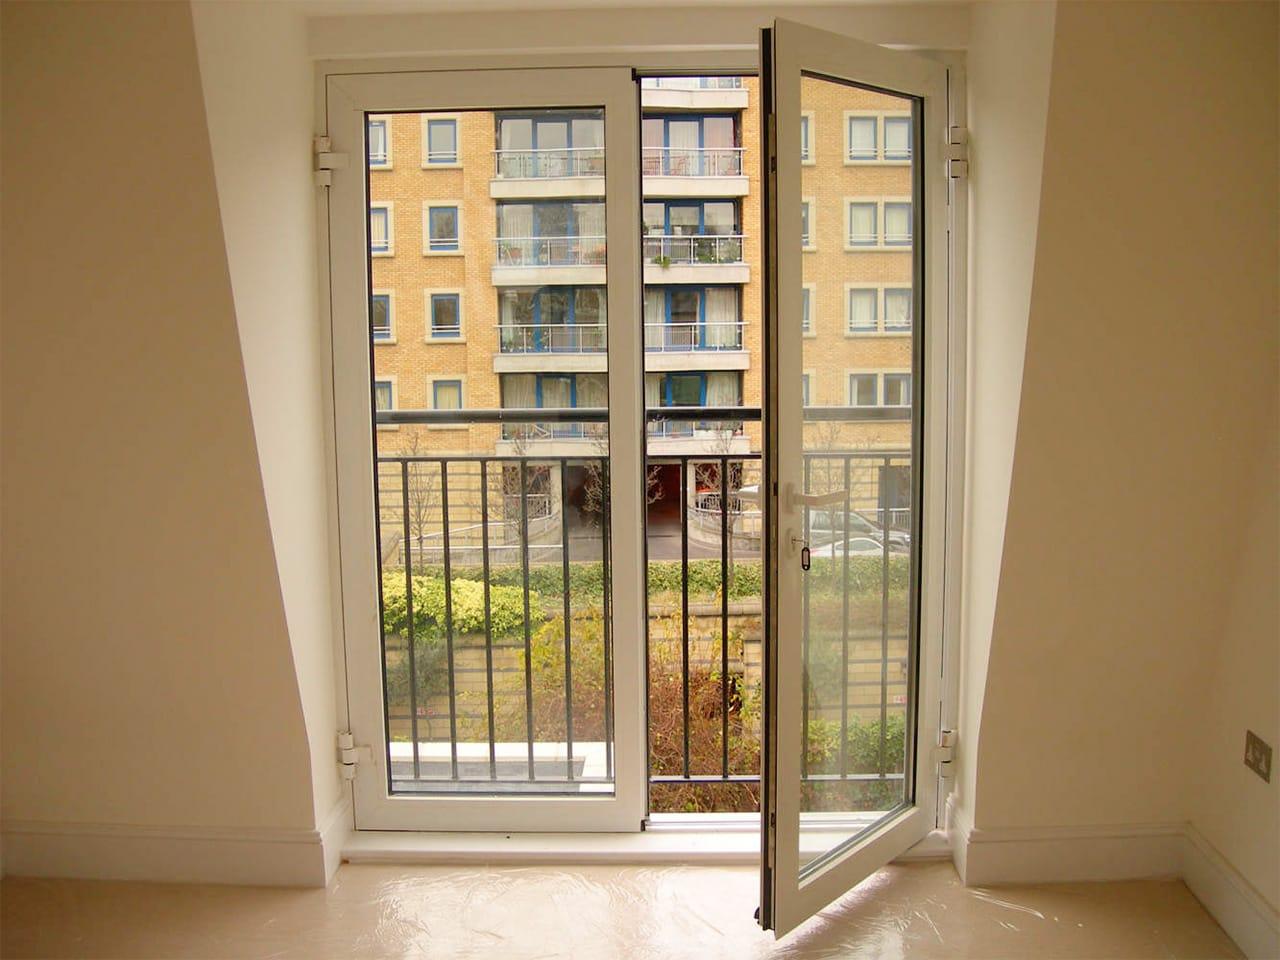 Балконные двери - окна завода - йошкар-ола.